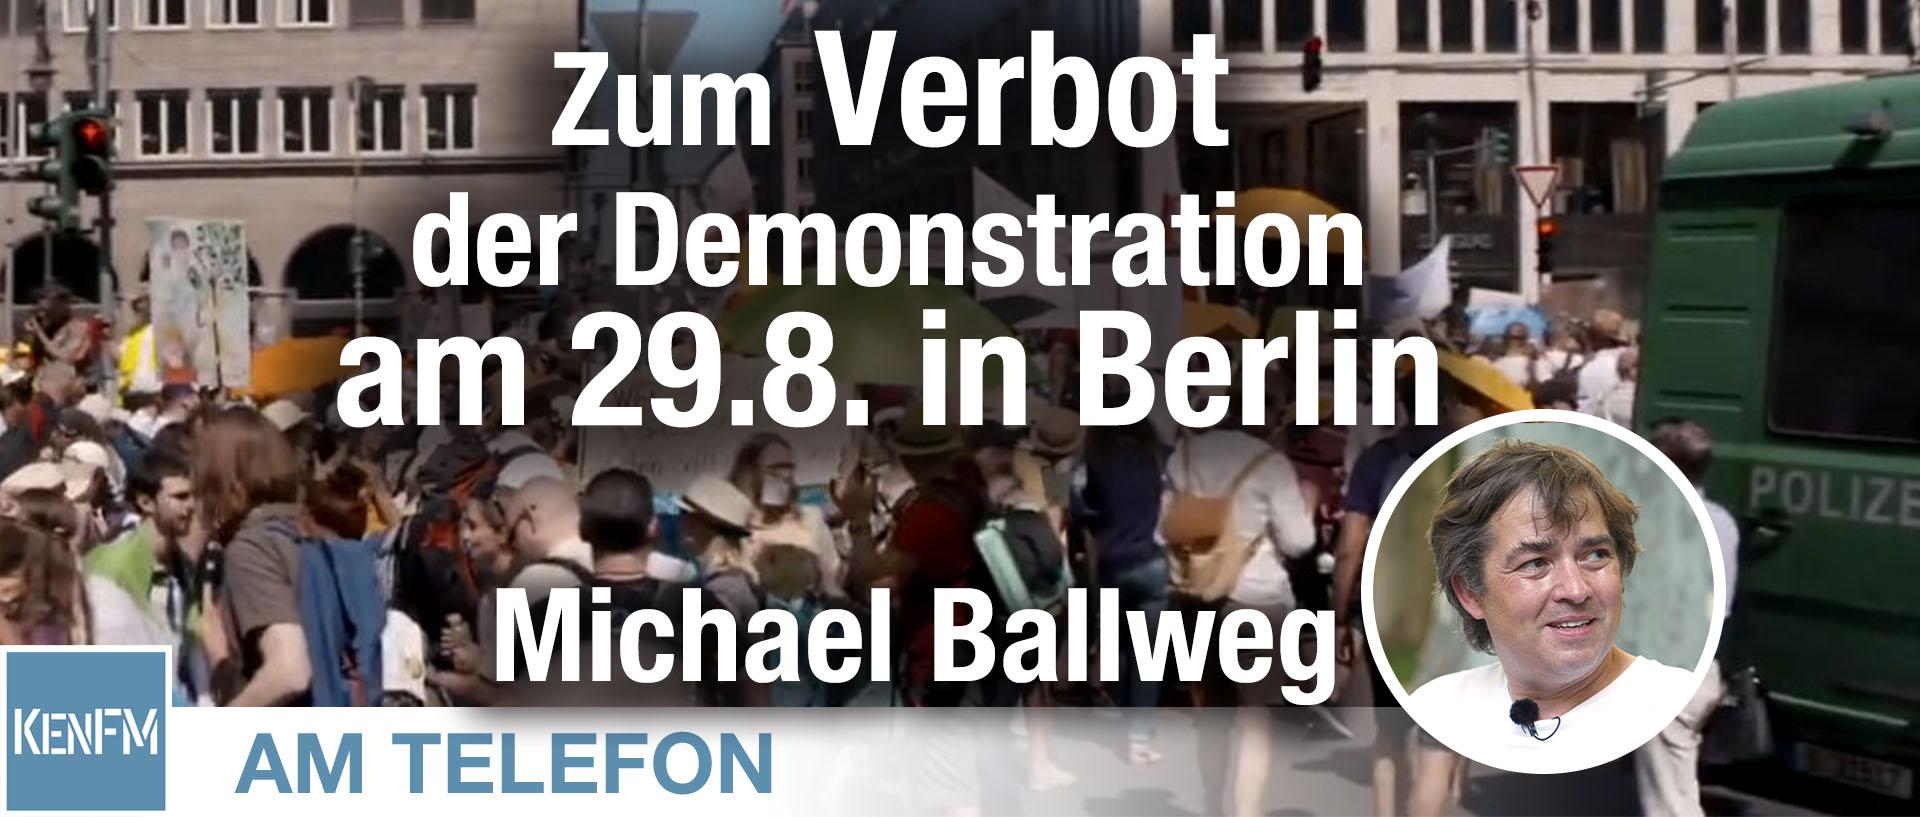 am-telefon-zum-verbot-der-demonstration-am-298-in-berlin:-michael-ballweg- -kenfm.de